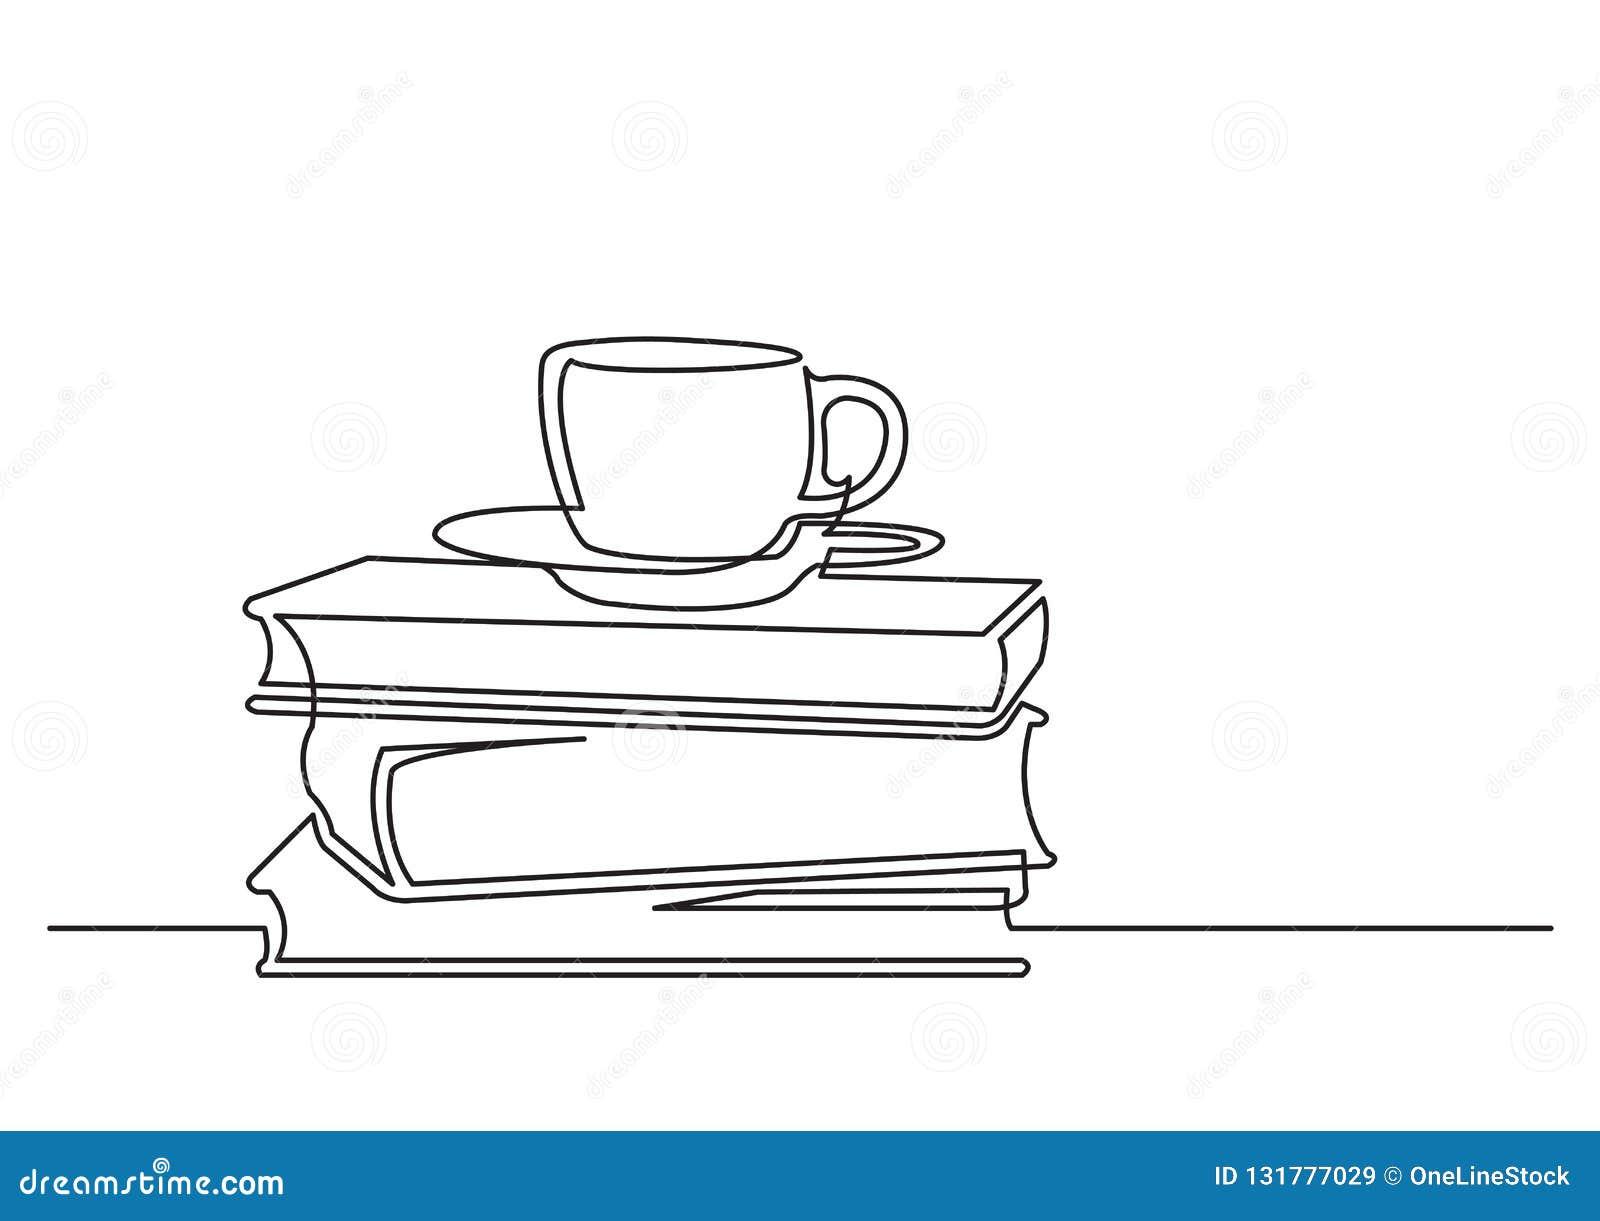 Um a lápis desenho do objeto isolado do vetor - livros e copo do chá